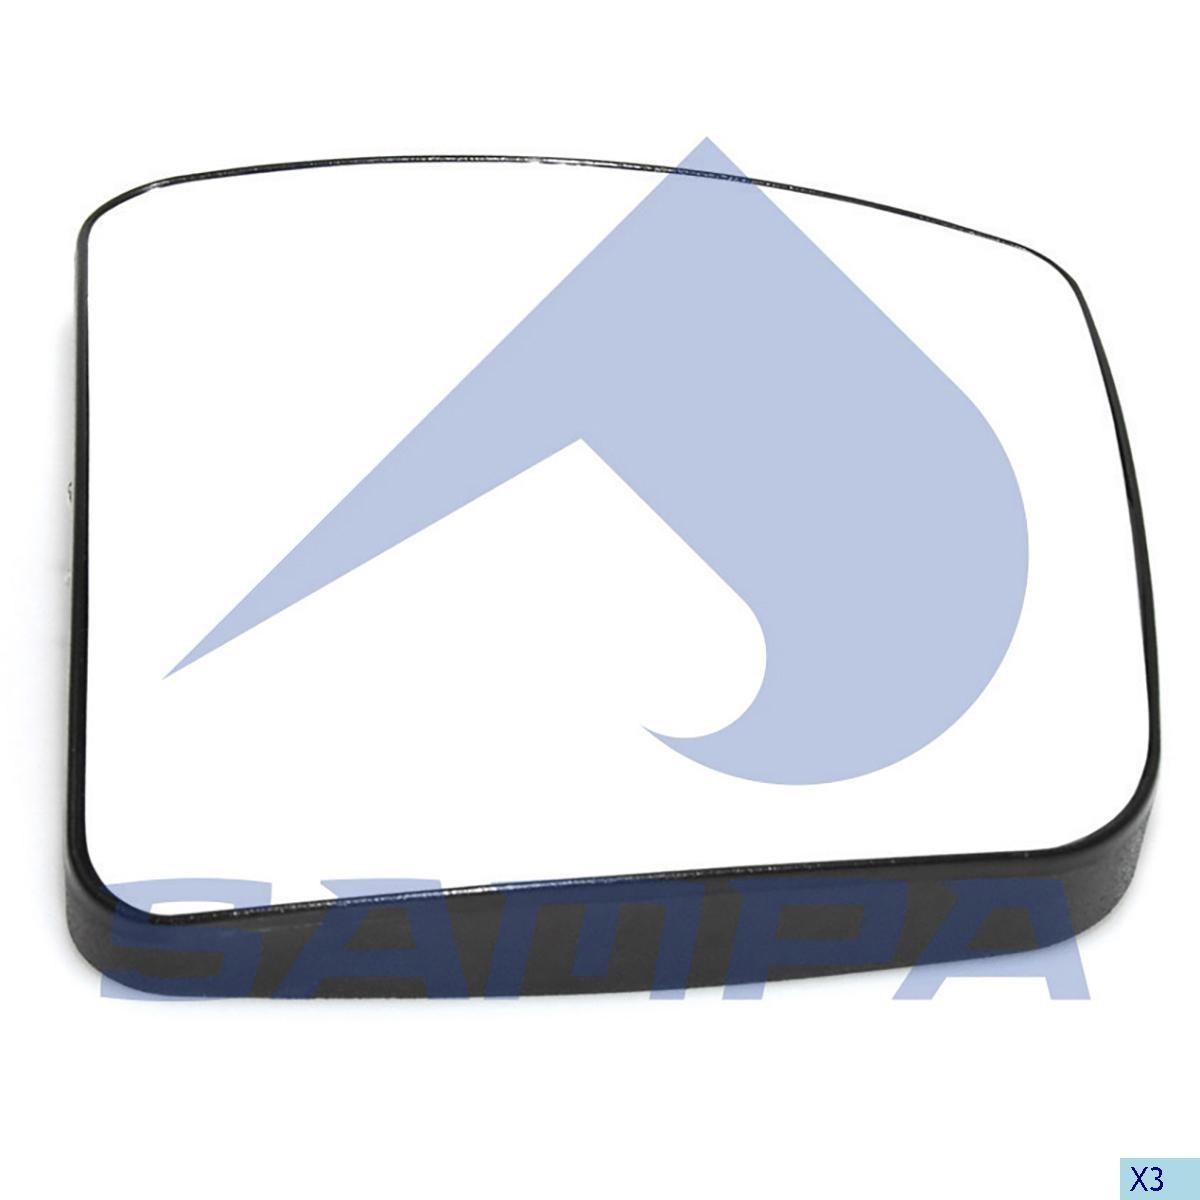 Стекло зеркала Actros Euro 5 правое малое photo